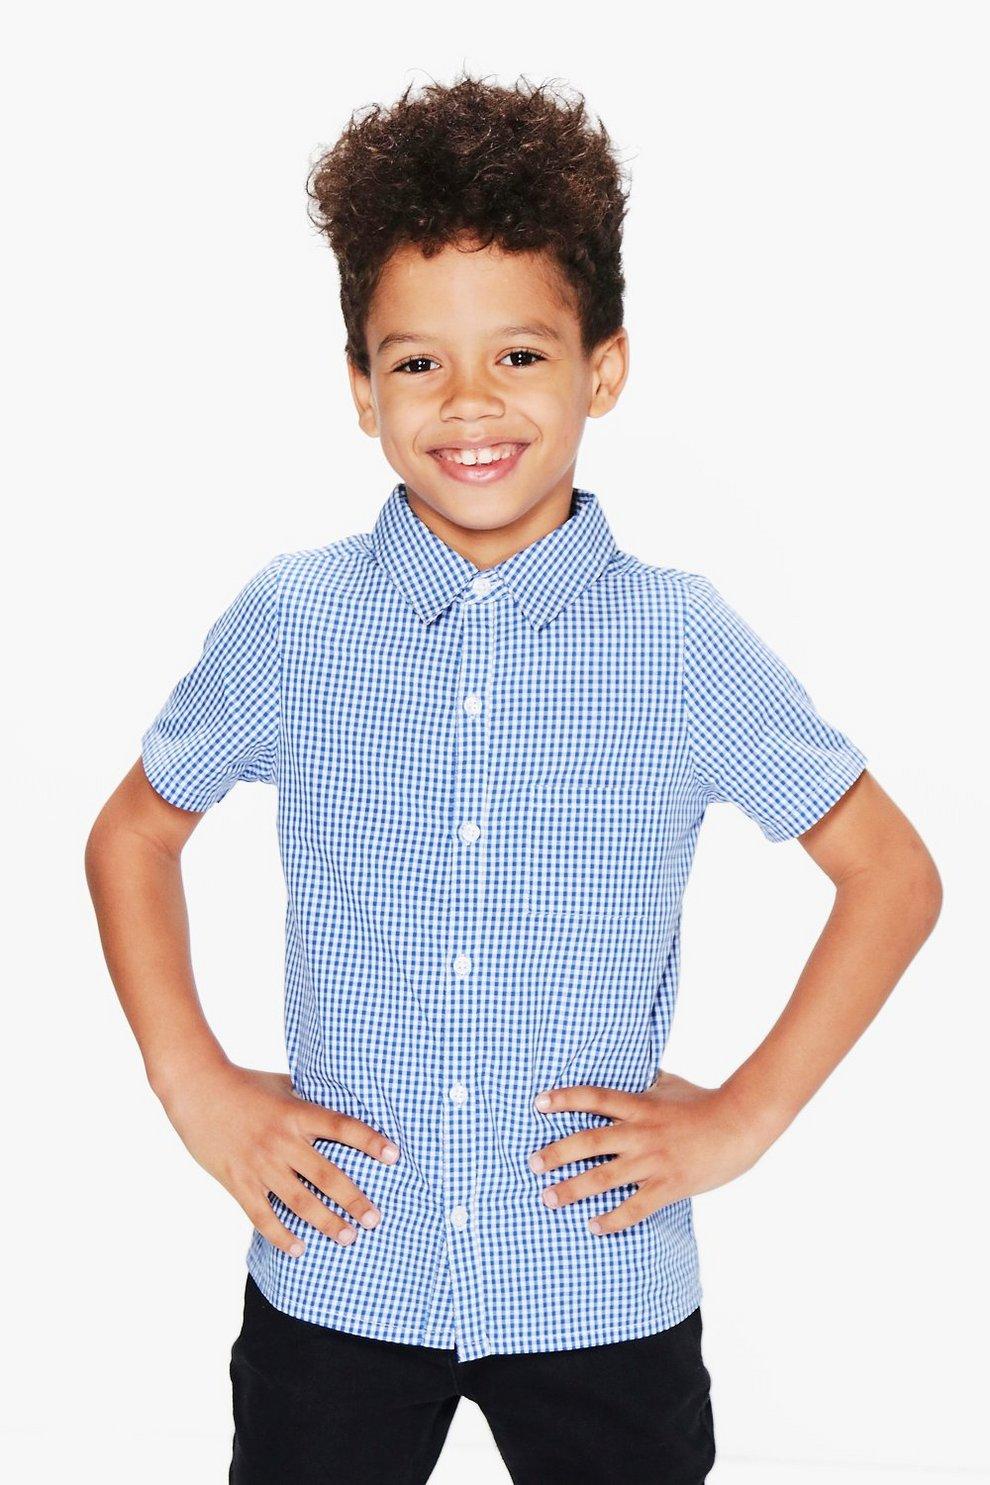 fde4e9bf Mens Blue Boys Gingham Shirt